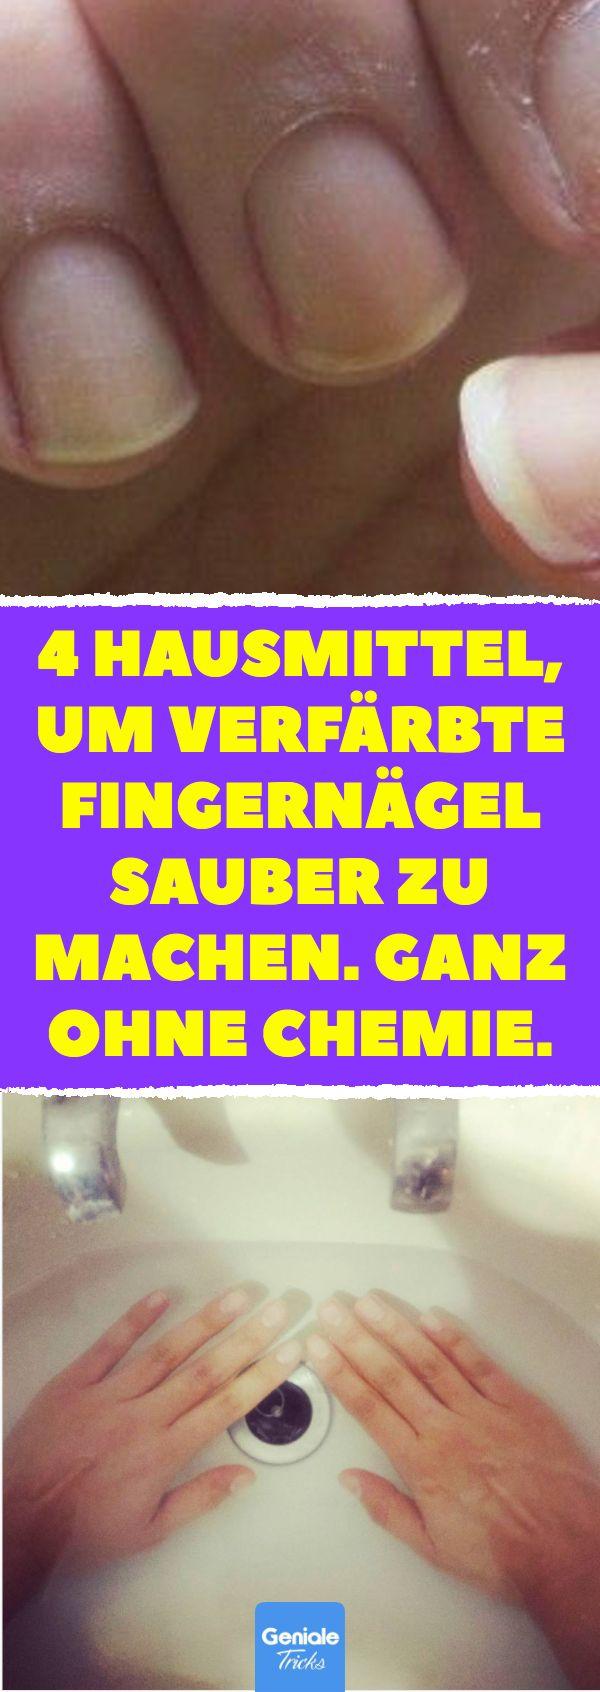 4 Hausmittel, um verfärbte Fingernägel sauber zu machen. Ganz ohne Chemie. 4 H...